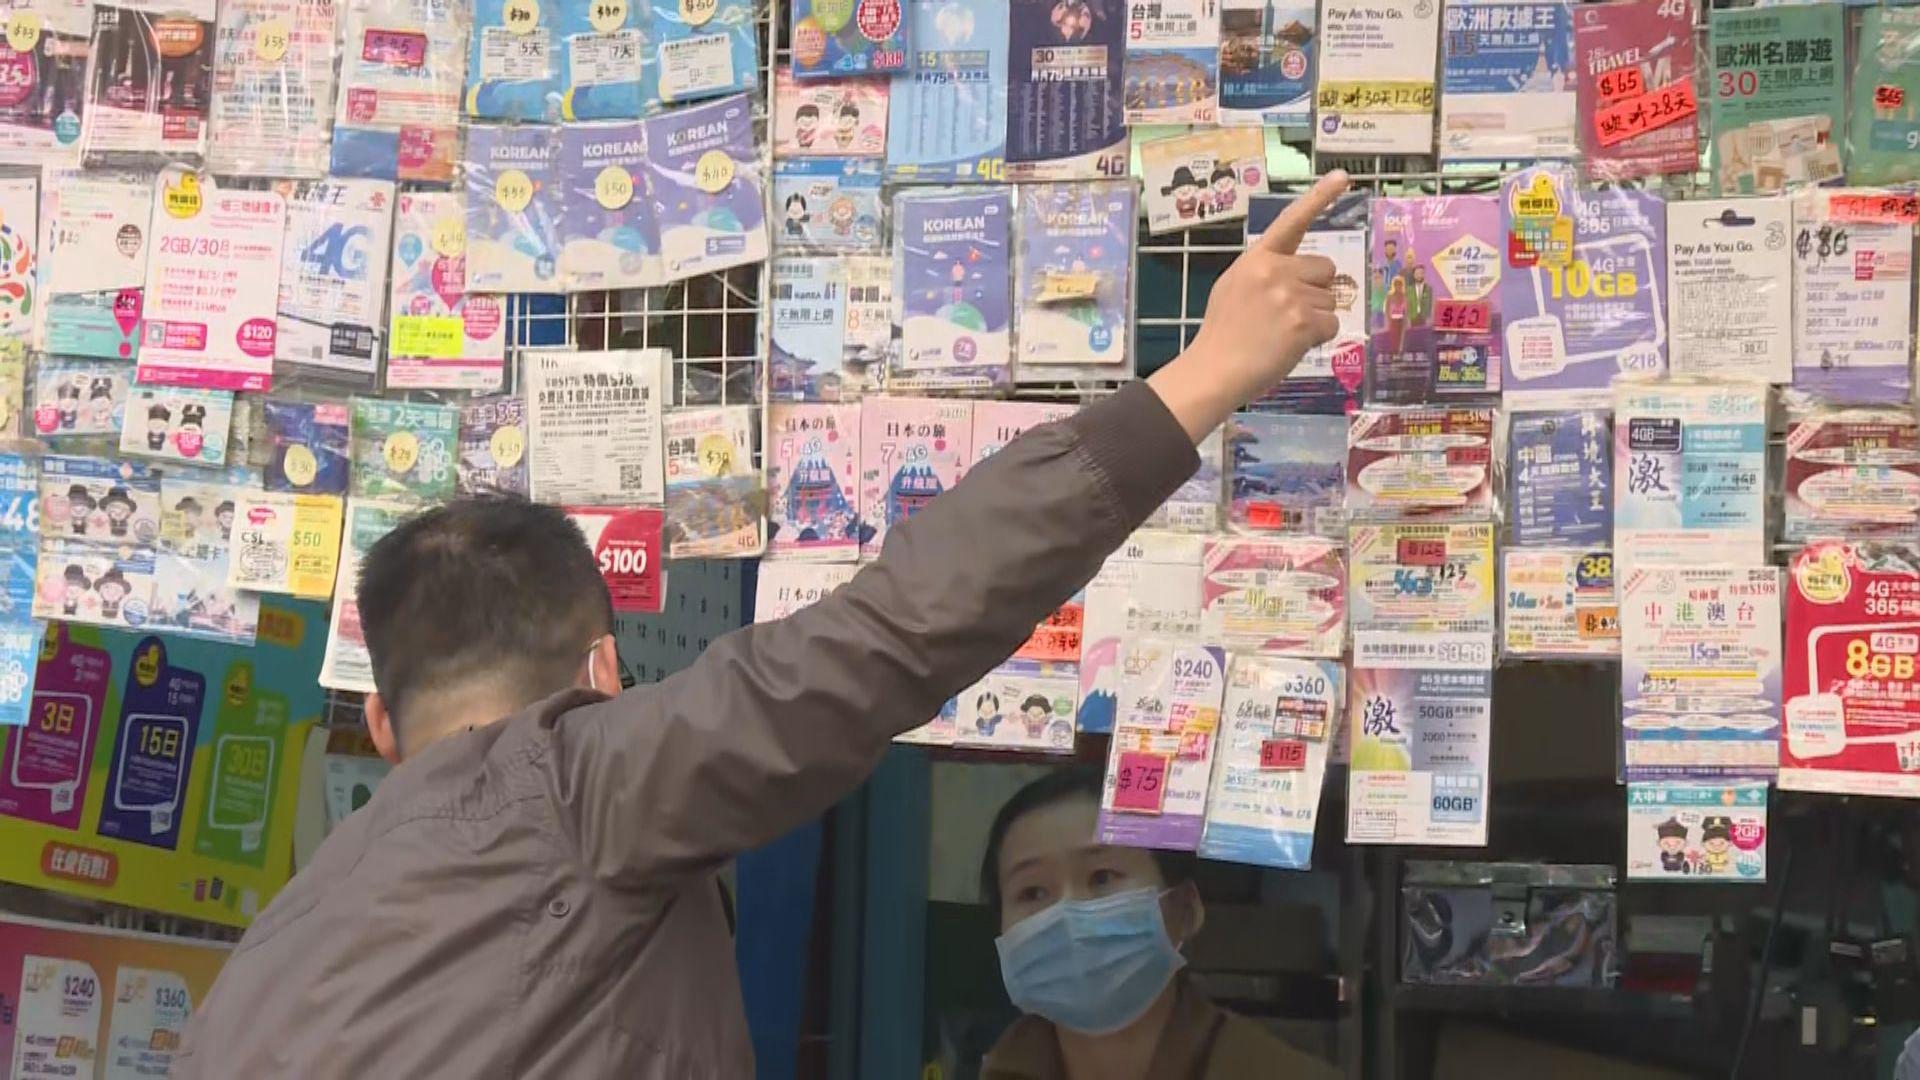 有售賣電話卡商戶憂實名登記措施影響生計